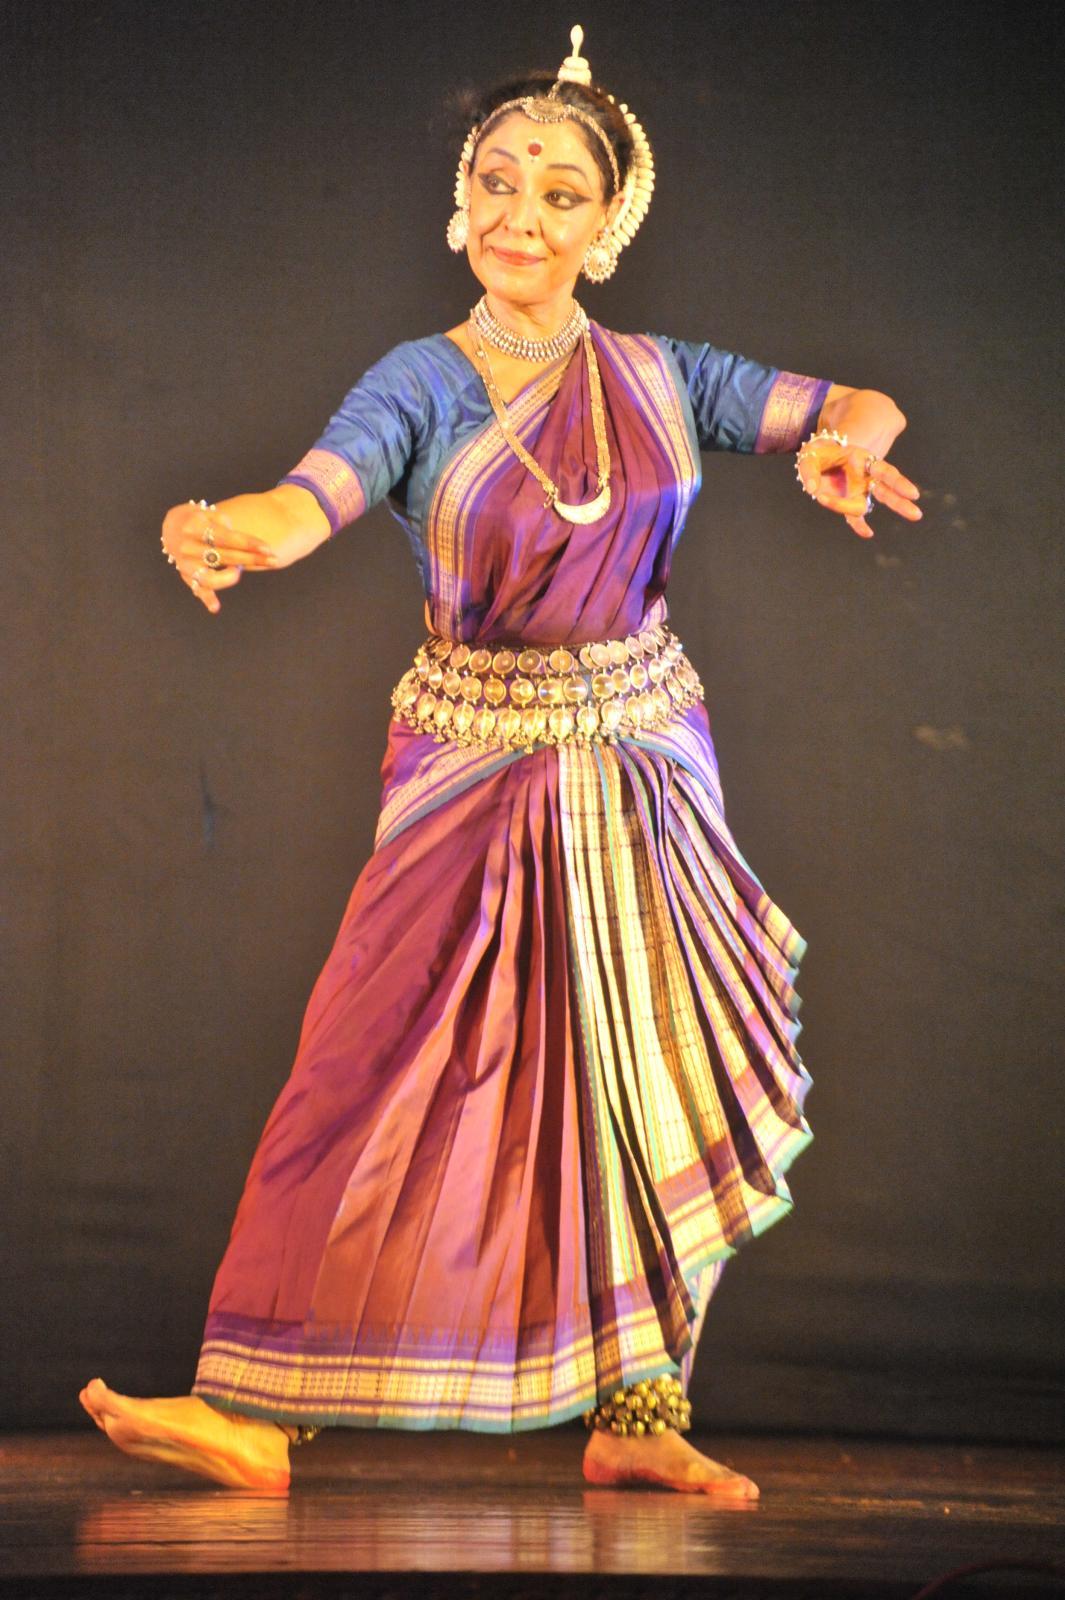 Madhaviji at her best.